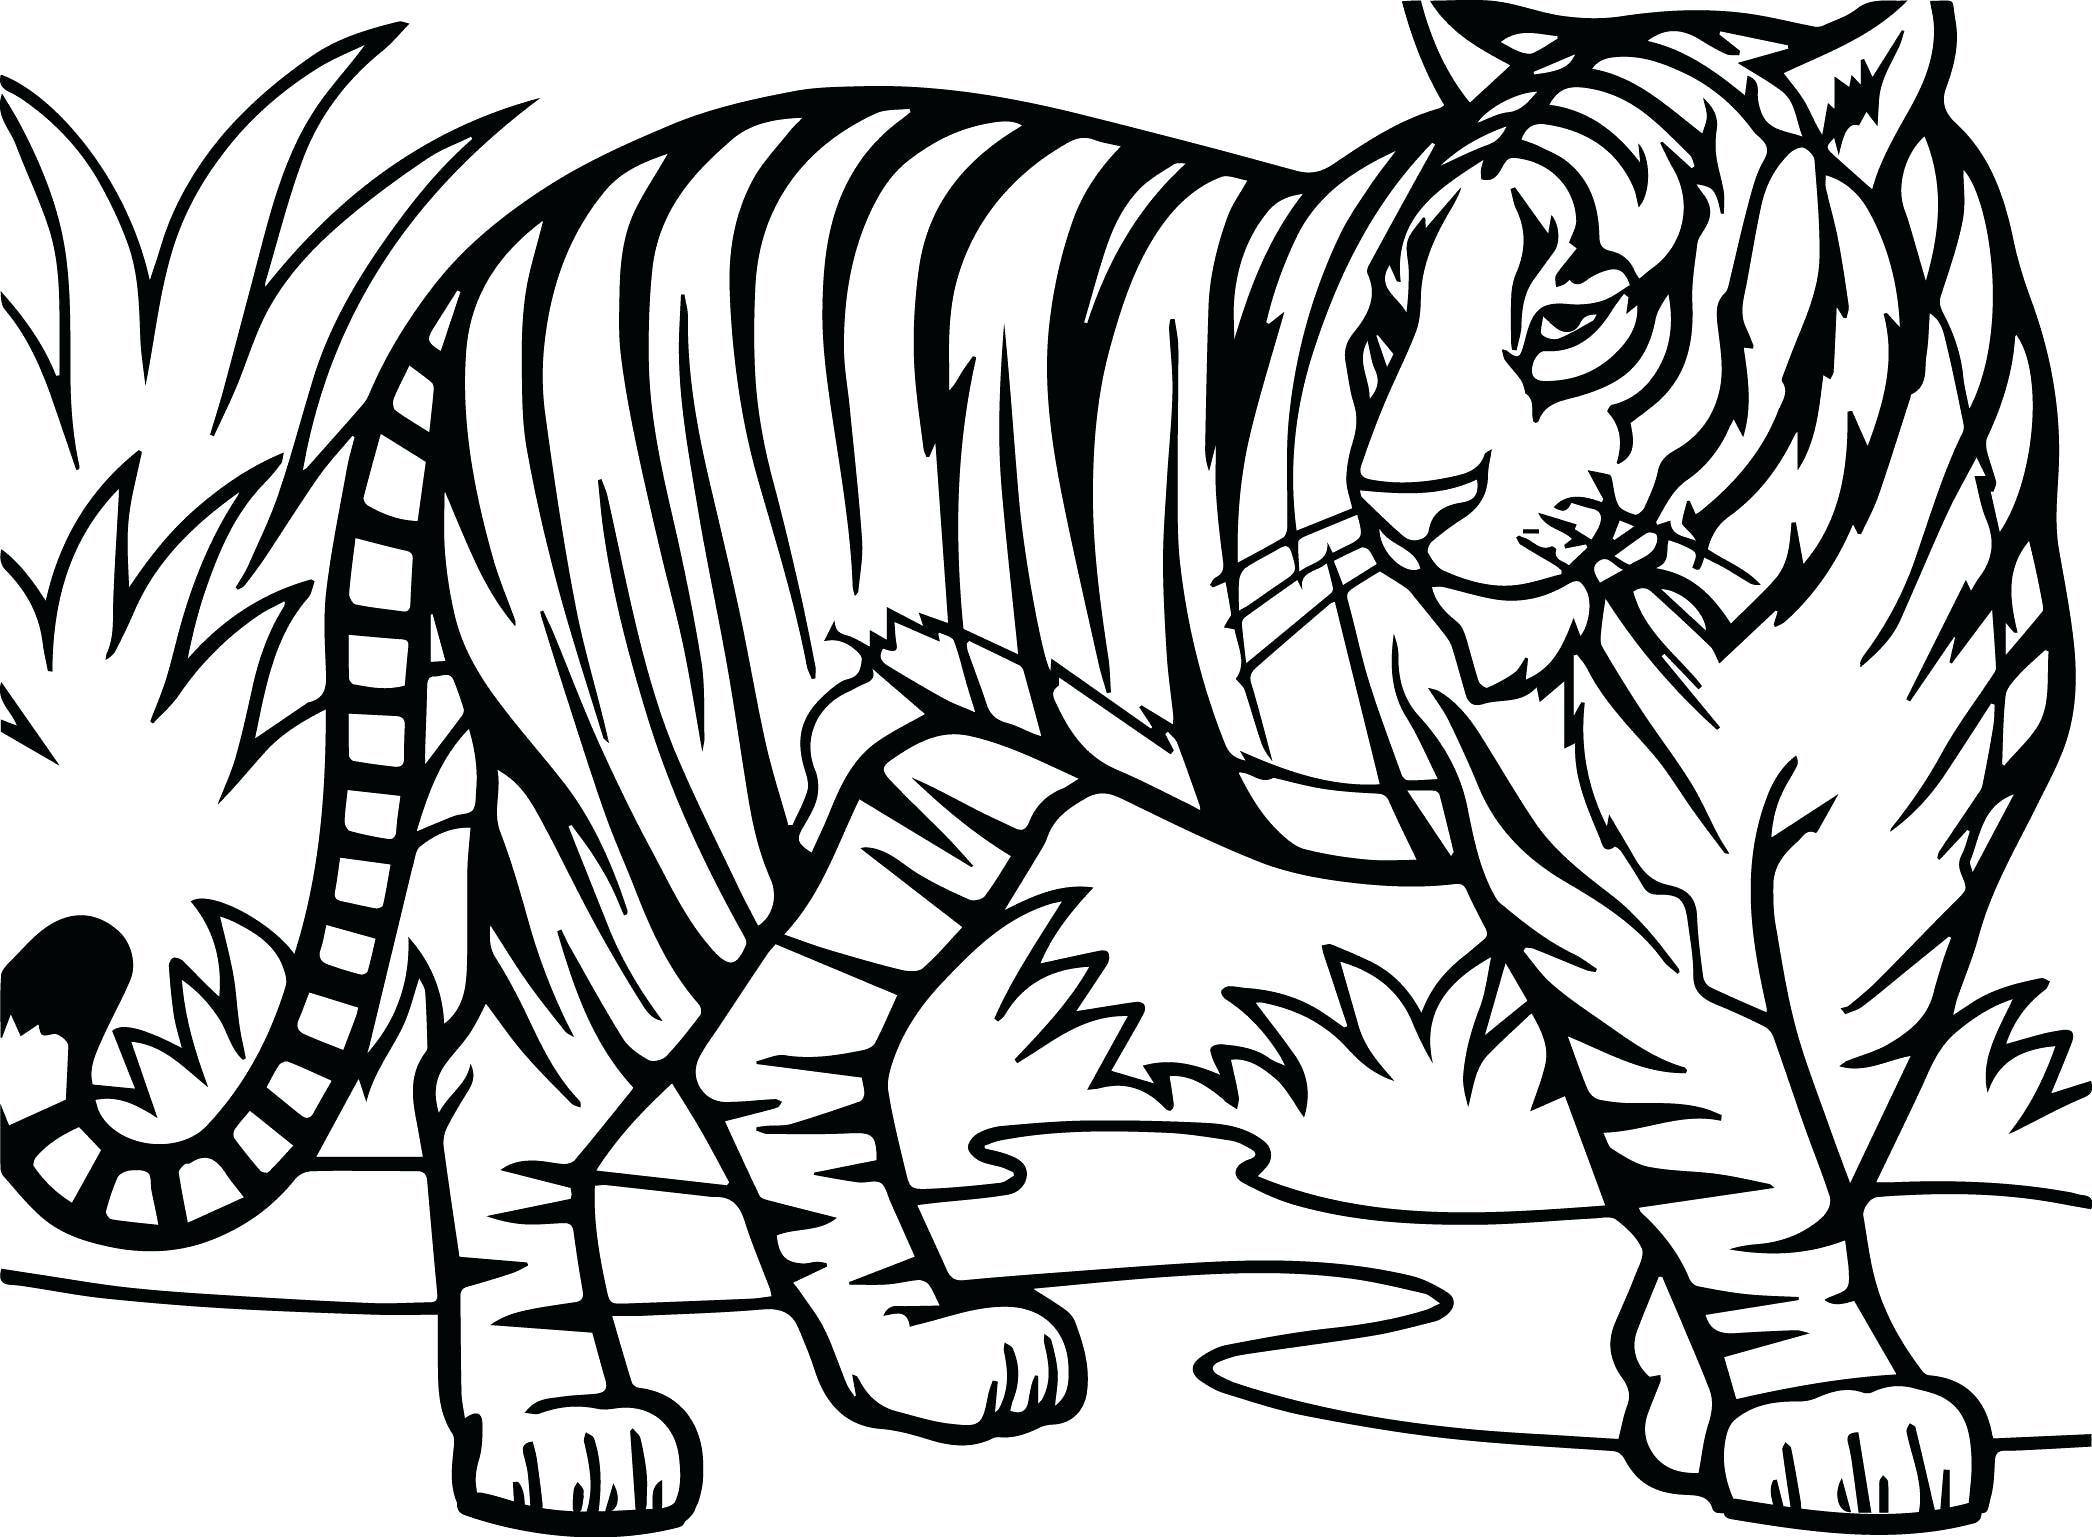 Tiger Coloring Pages Dieren Kleurplaten Boek Bladzijden Kleuren Kleurplaten Voor Volwassenen